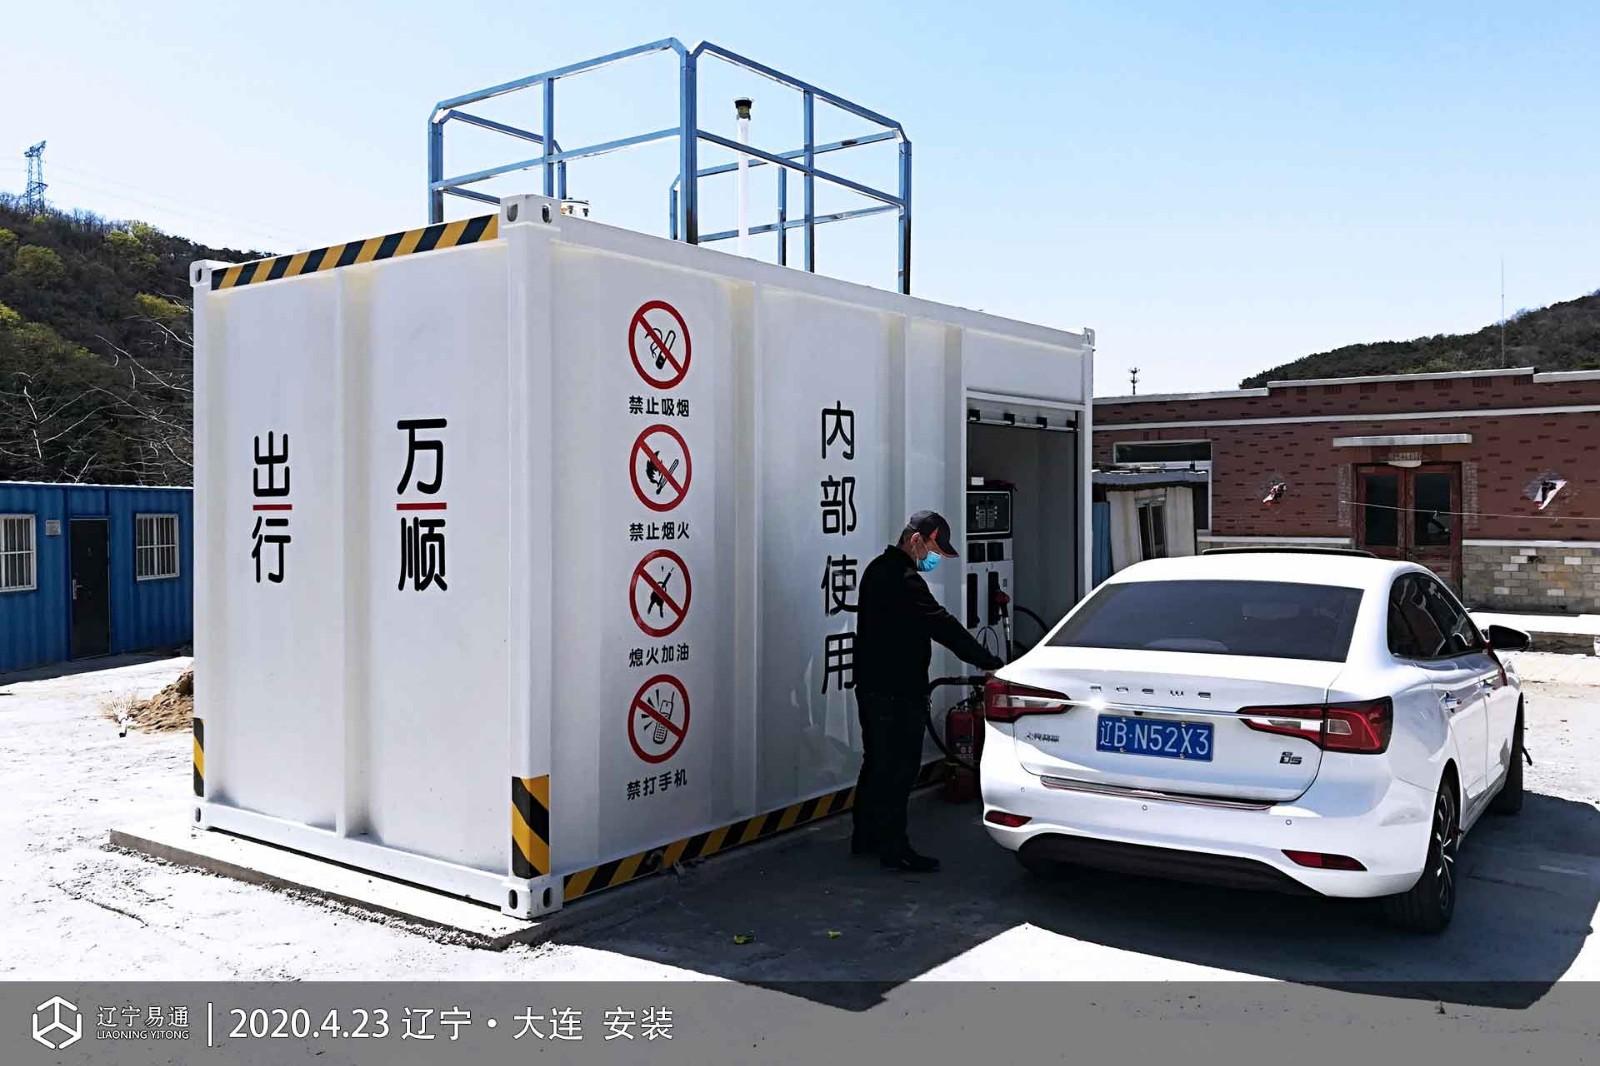 2020年4月23日 大连 15立方 阻隔ios雷竞技撬装加油装置安装调试完毕